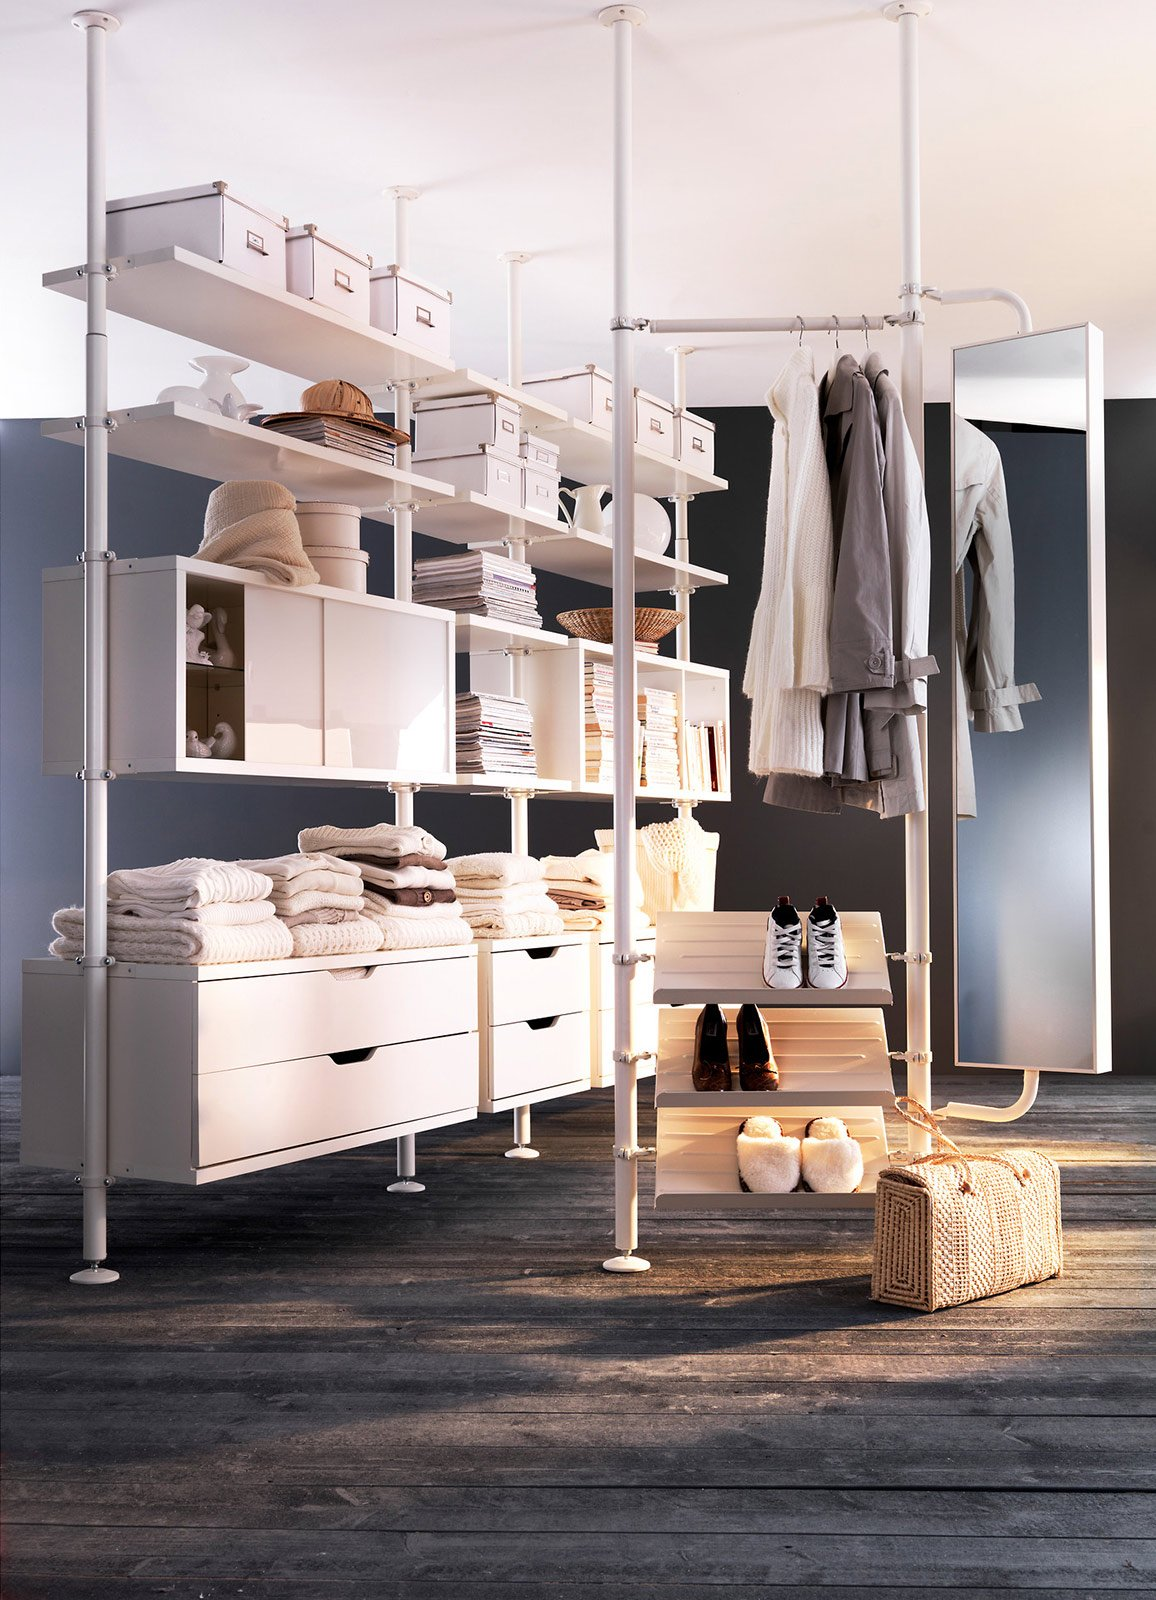 Cabine armadio progettiamo insieme lo spazio cose di casa for Ikea mobili camera